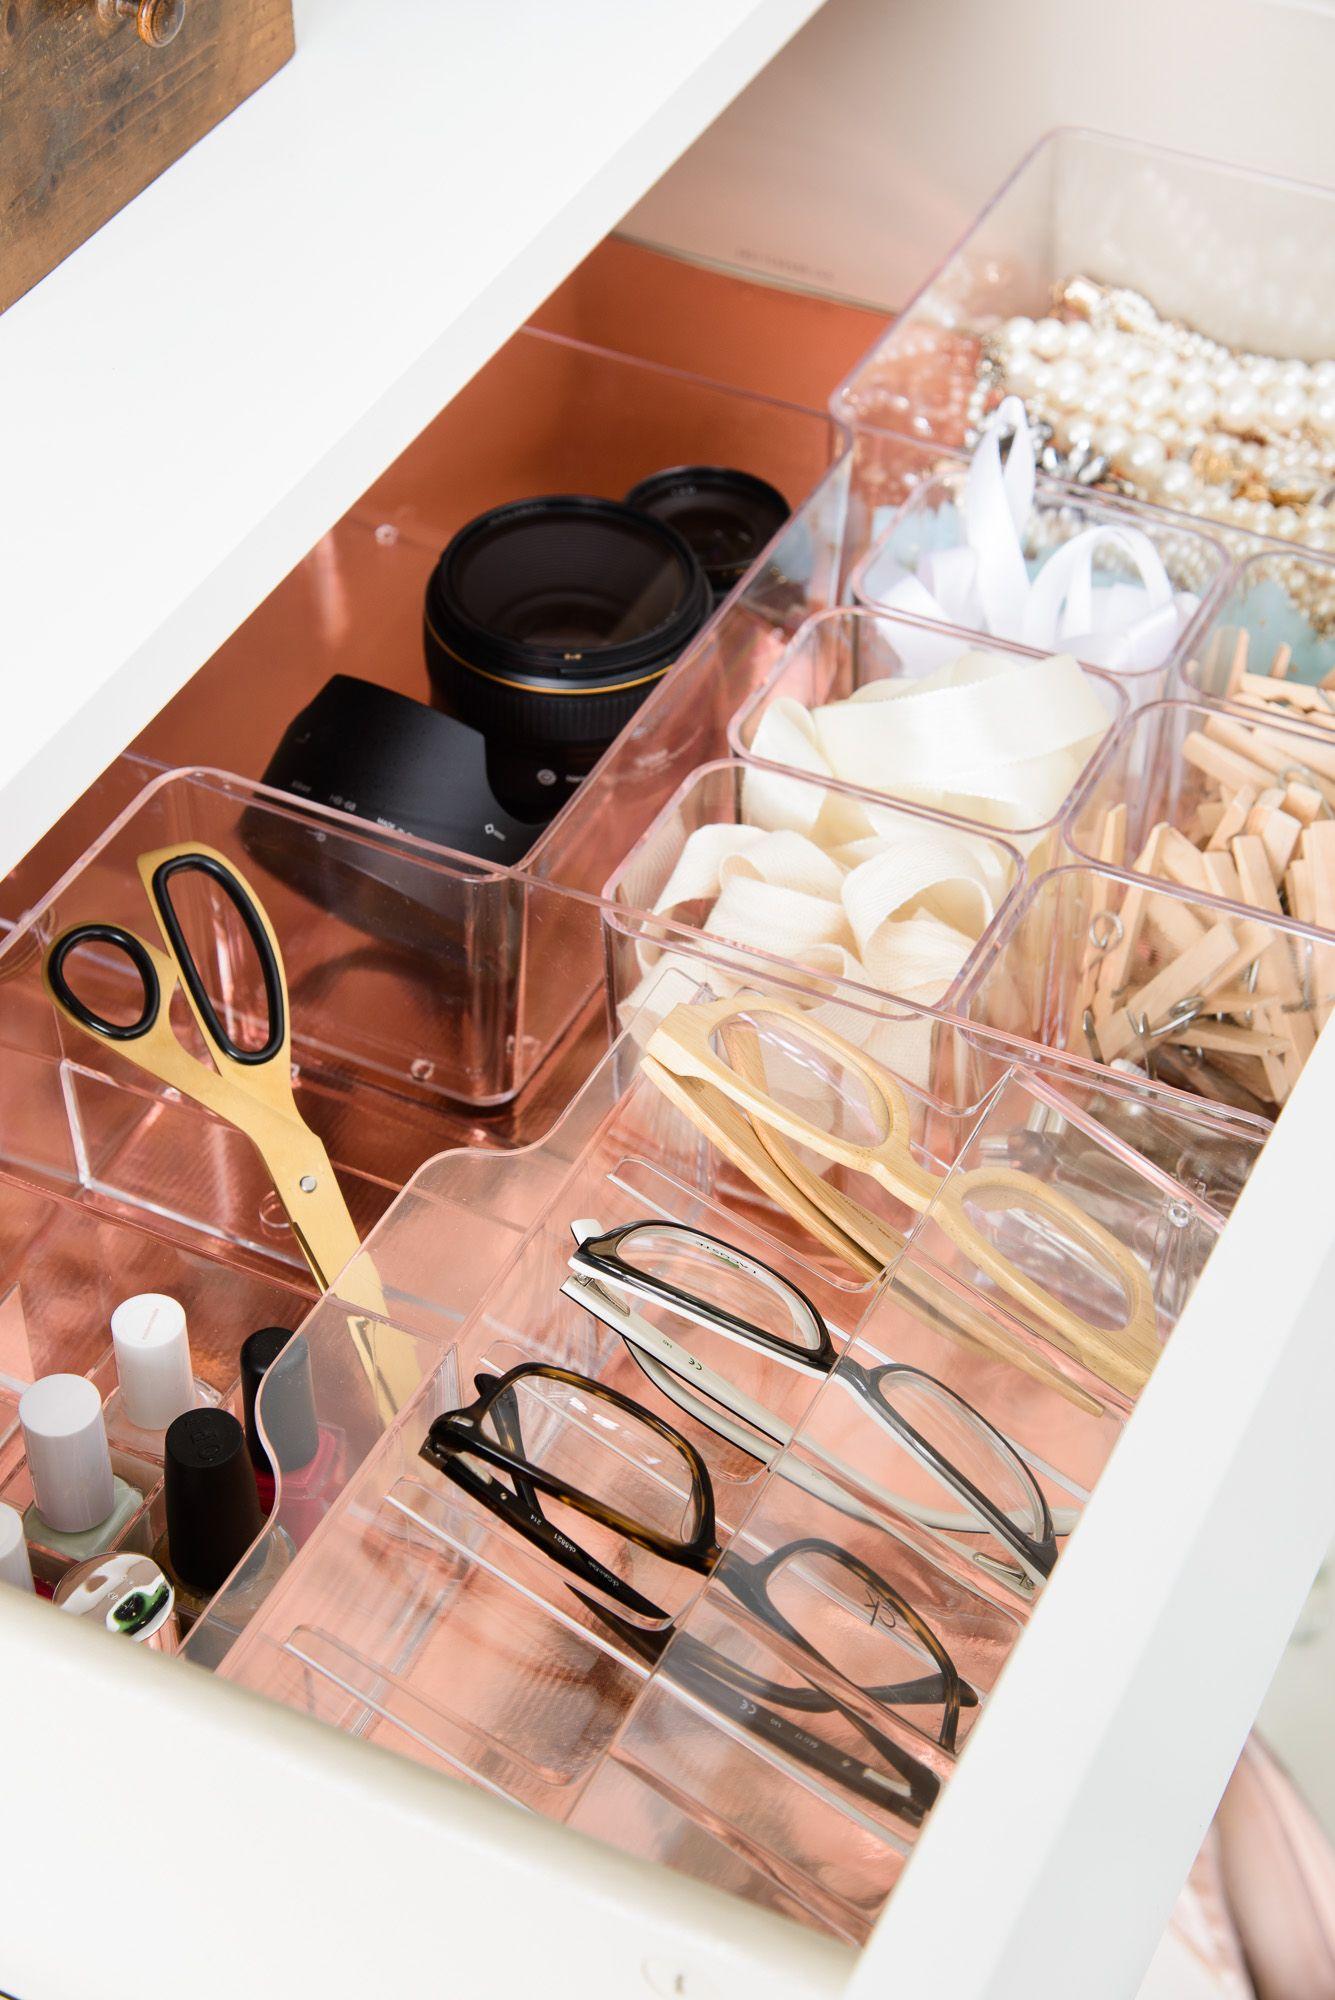 Verstausystem Ikea Godmorgon Boxen Ikea Godmorgon Ikea Selbstgemacht